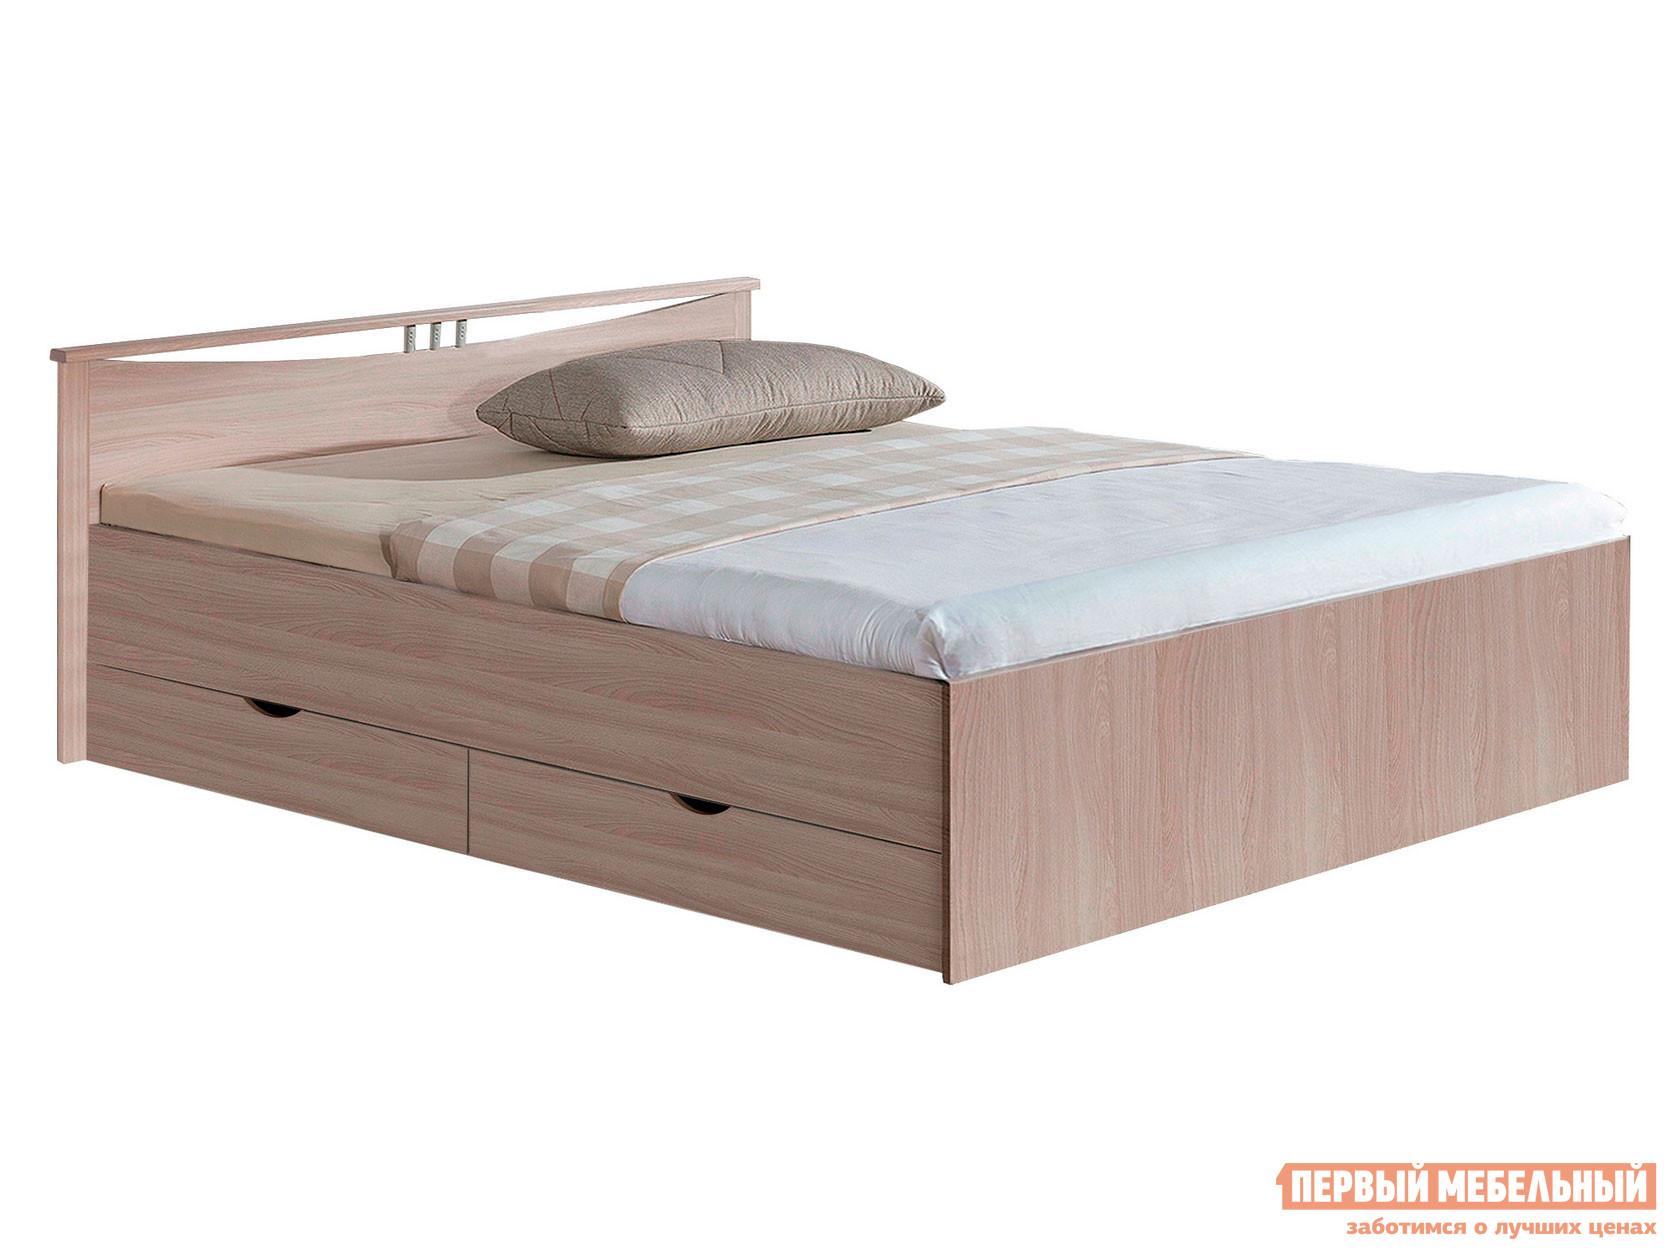 Двуспальная кровать  Кровать Мелисса Шимо светлый, 1600 Х 2000 мм — Кровать Мелисса Шимо светлый, 1600 Х 2000 мм